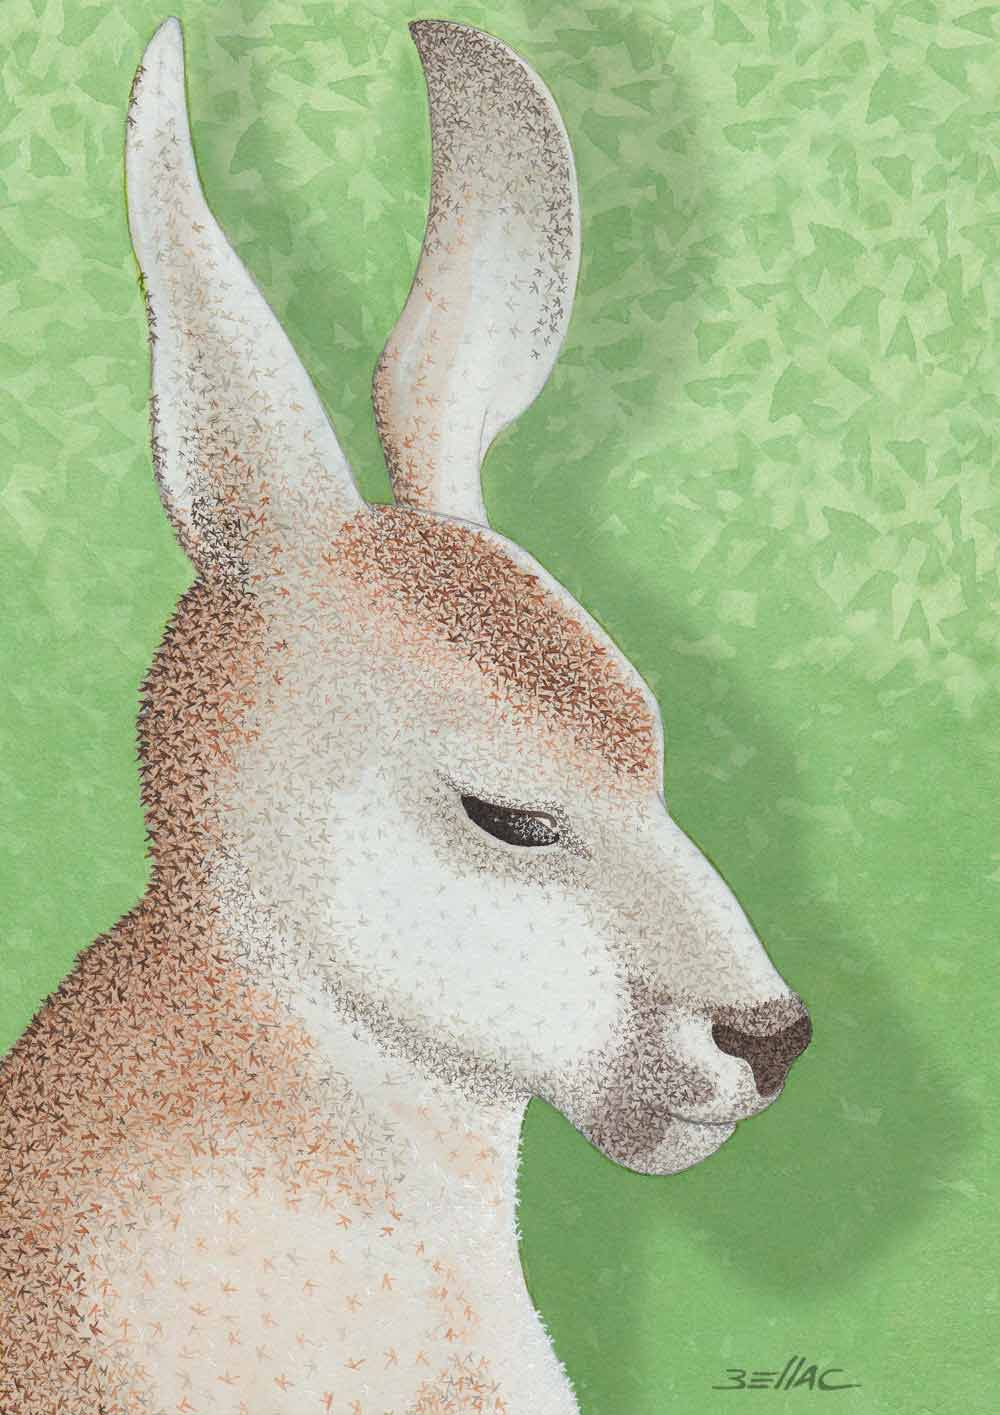 illustration aux encres de couleur - Un kangourou réalisé avec des k